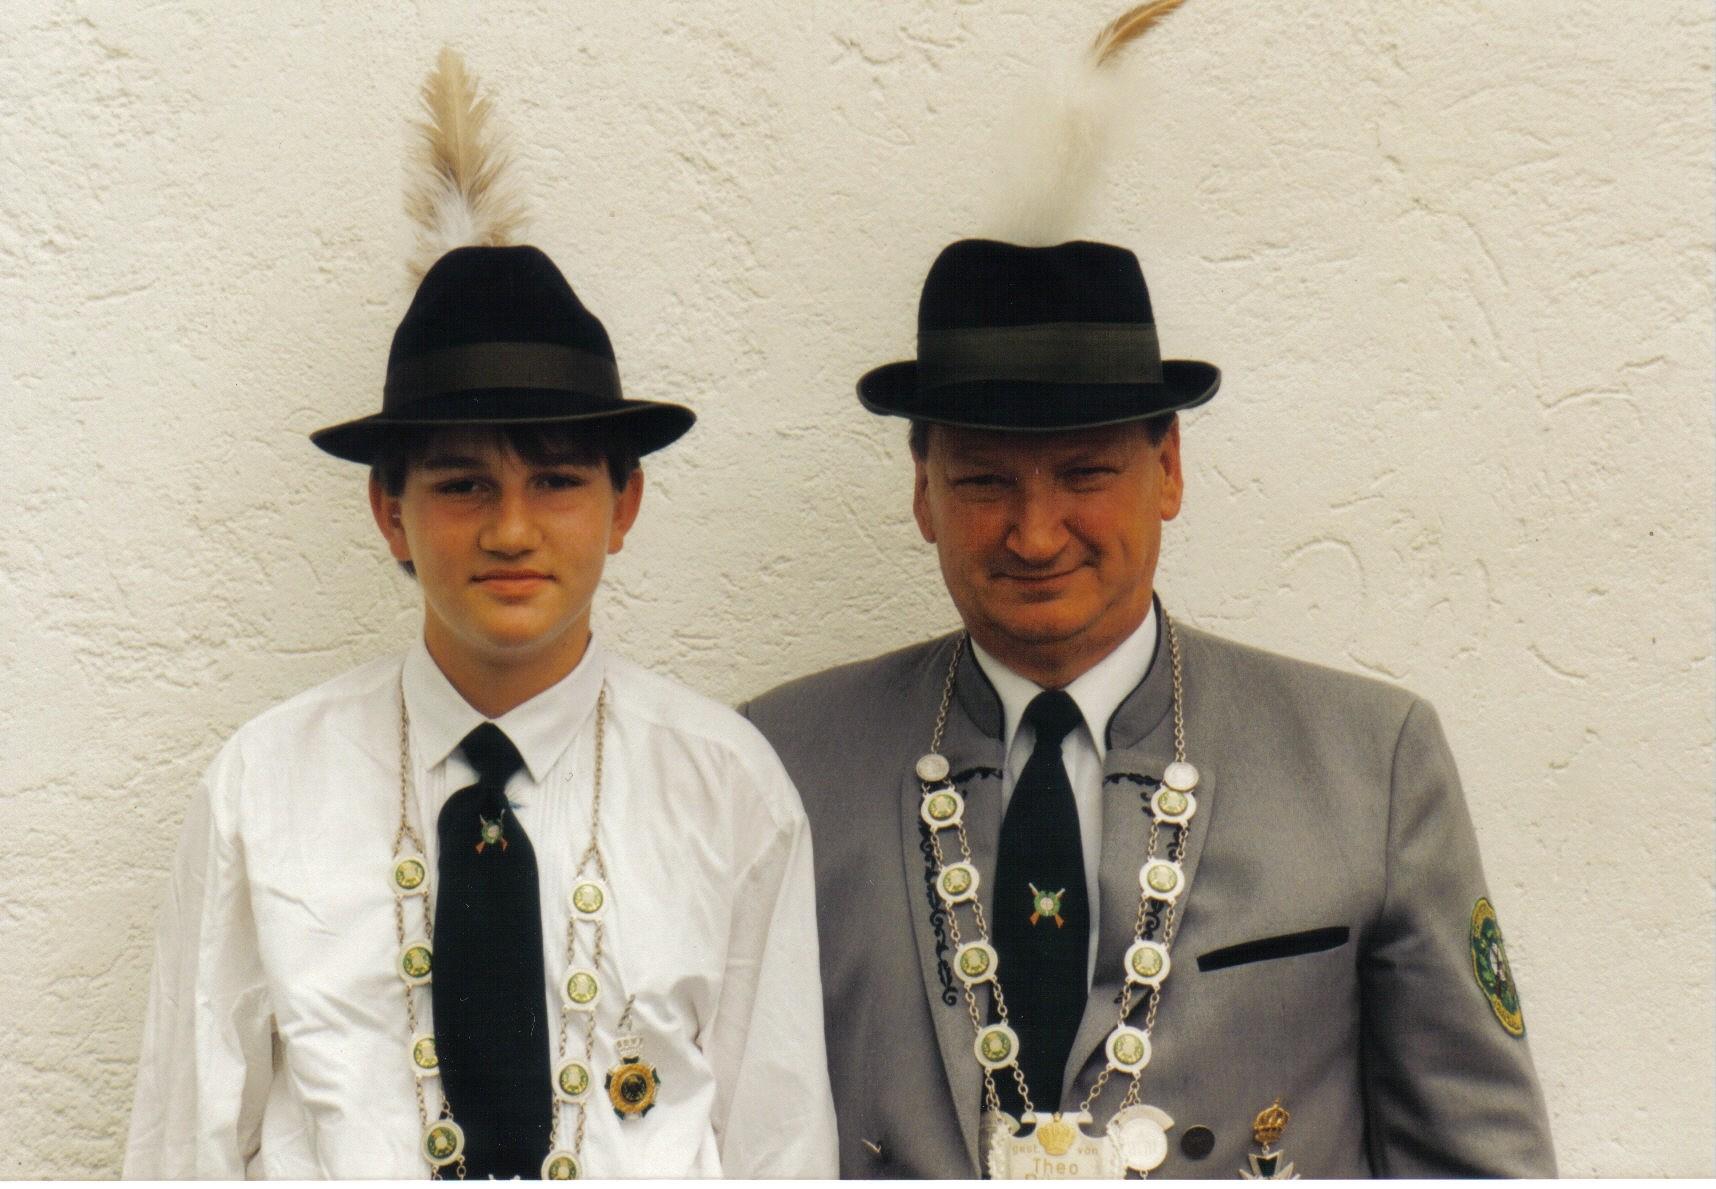 Schützenkönig 1995: Dieter Bätz und Jungschützenkönig: Alexander Meier